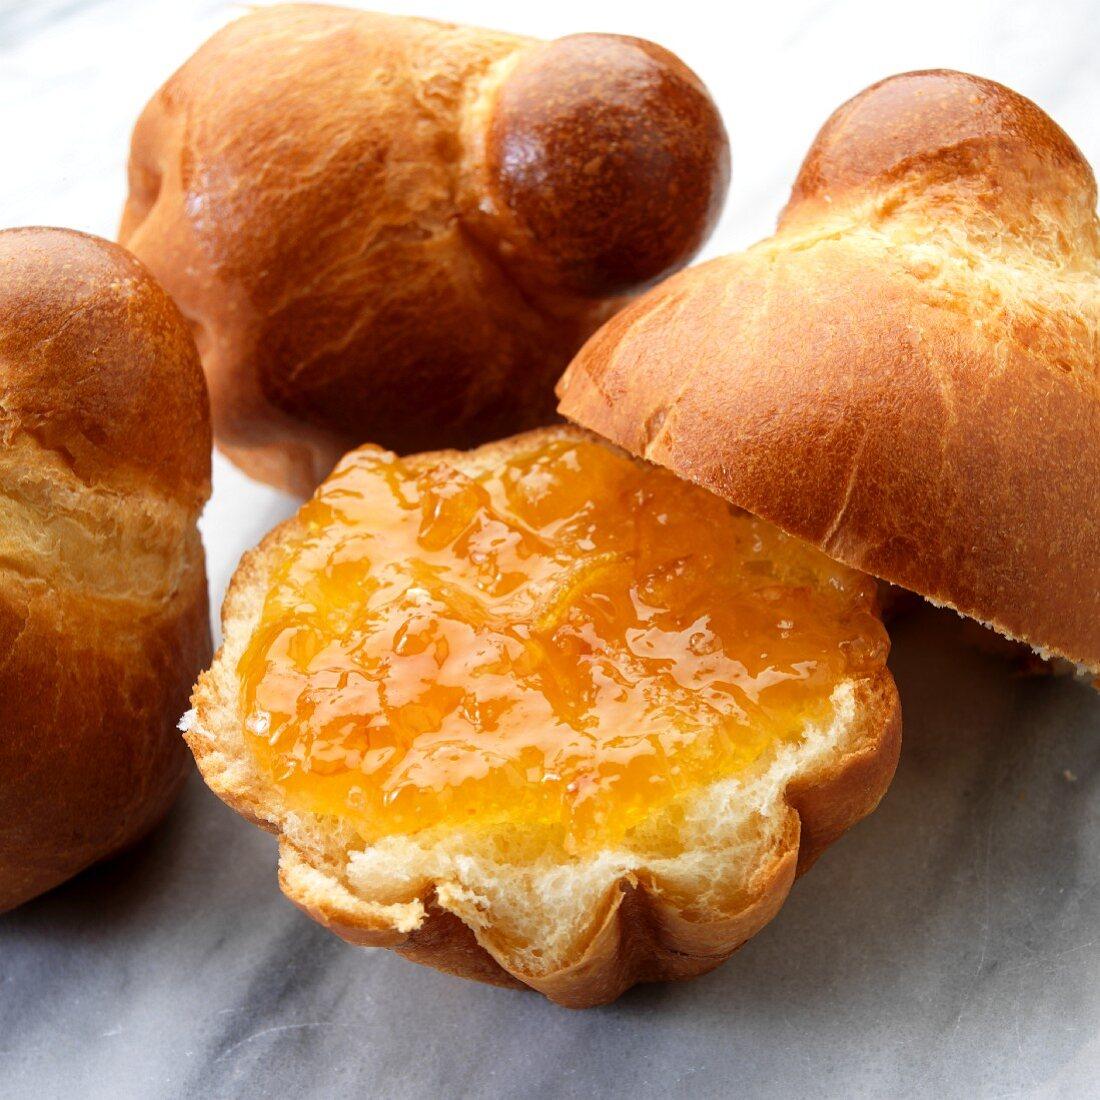 Brioche with orange marmalade (close-up)